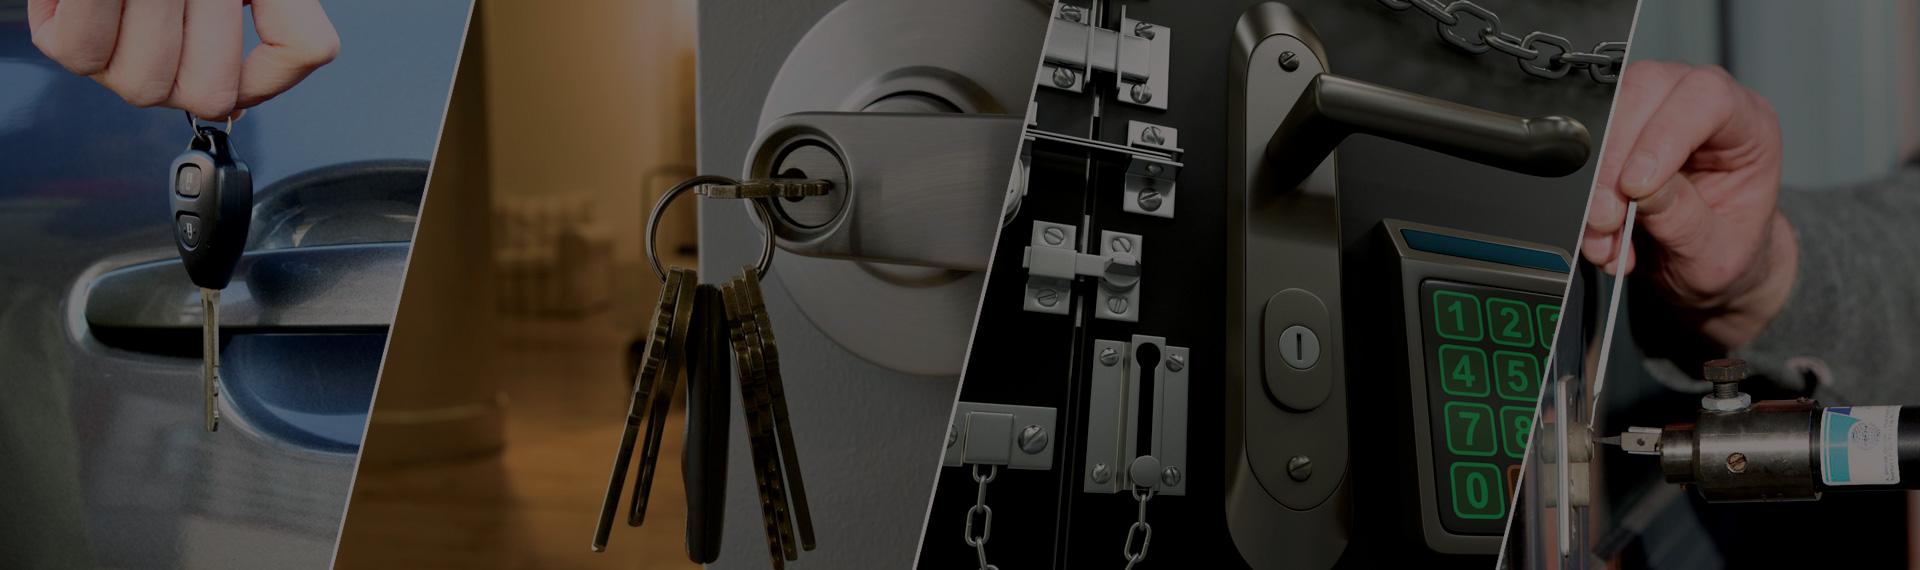 A 24 Hours Emergency Locksmith Ardsley NY